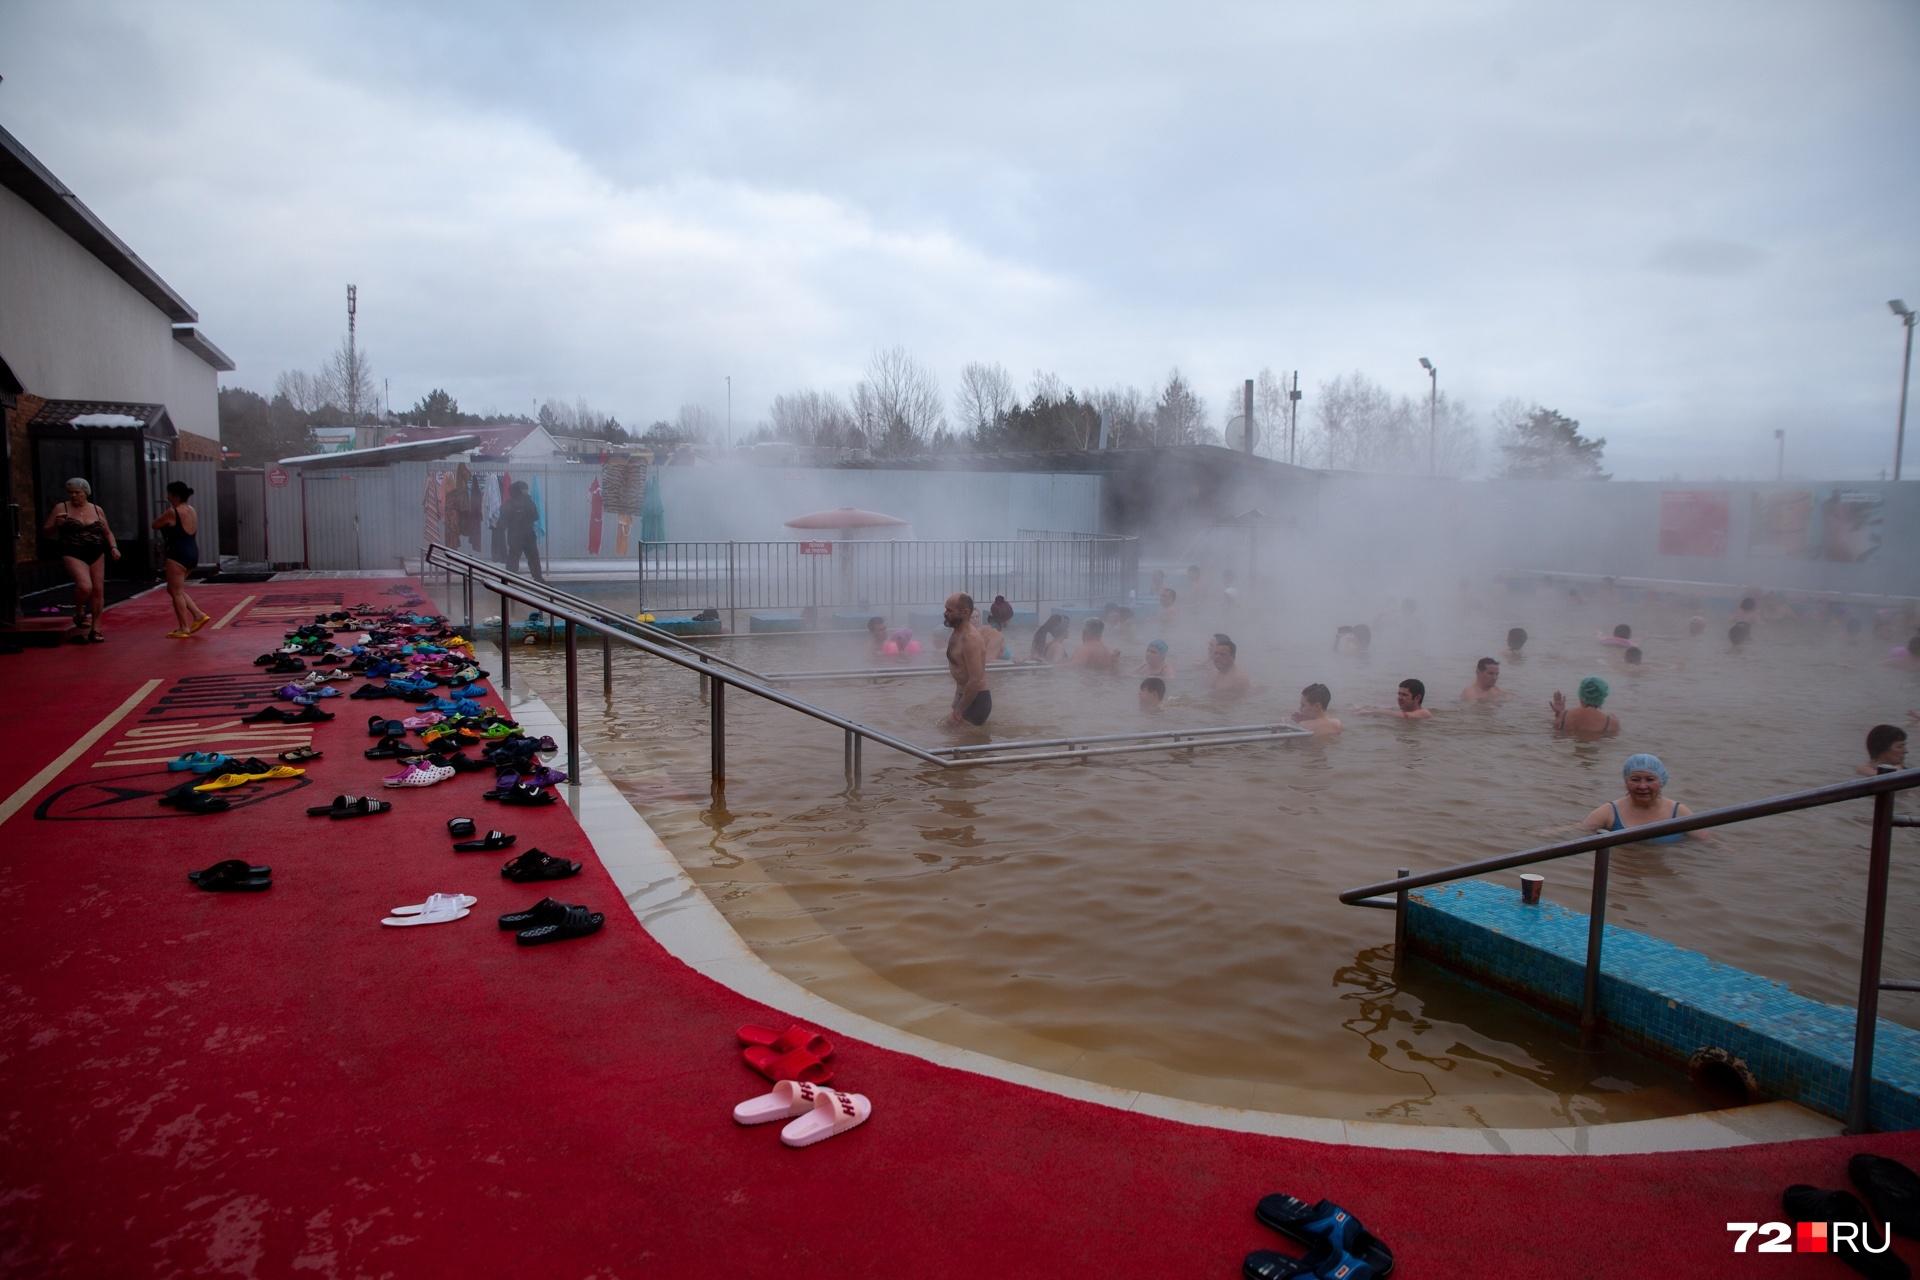 Горячие источники пока тюменцы используют по прямому назначению, в них так приятно купаться в холодное время года